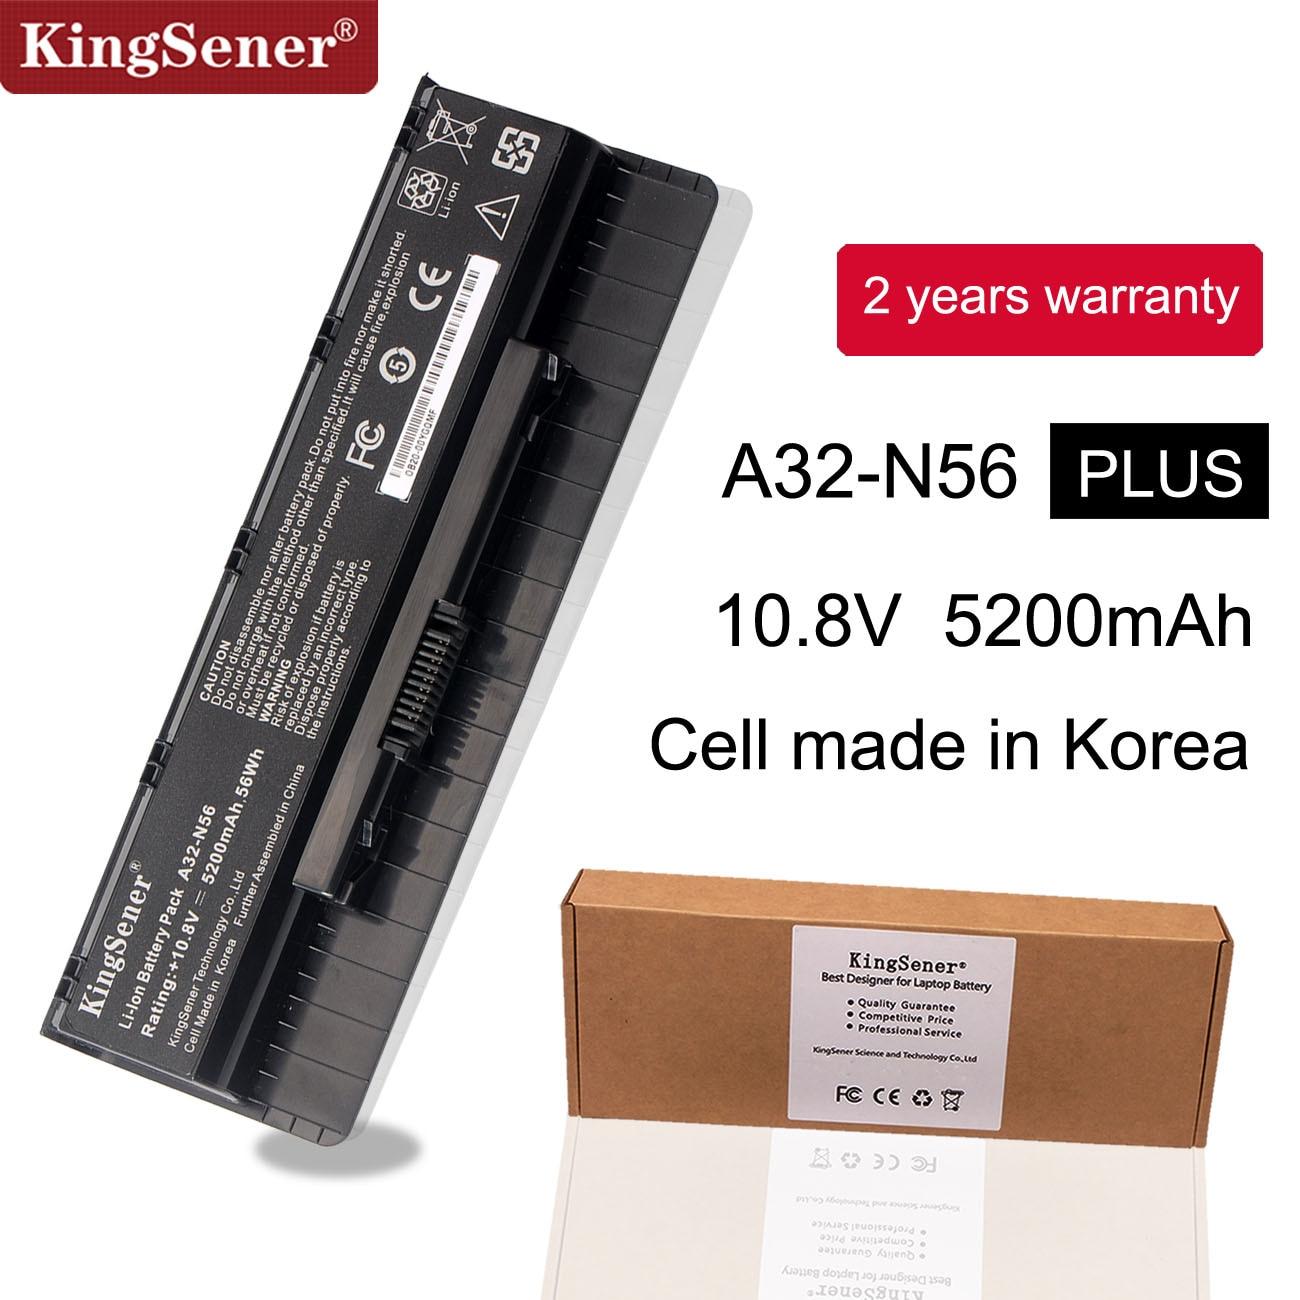 10,8 V 5200mAh Corea Celular Nuevo A32-N56 Batería Para ASUS N46 N46V N46VJ N46VM N46VZ N56 N56V N56VJ N56VM N76 N76VZ A31-N56 A33-N56